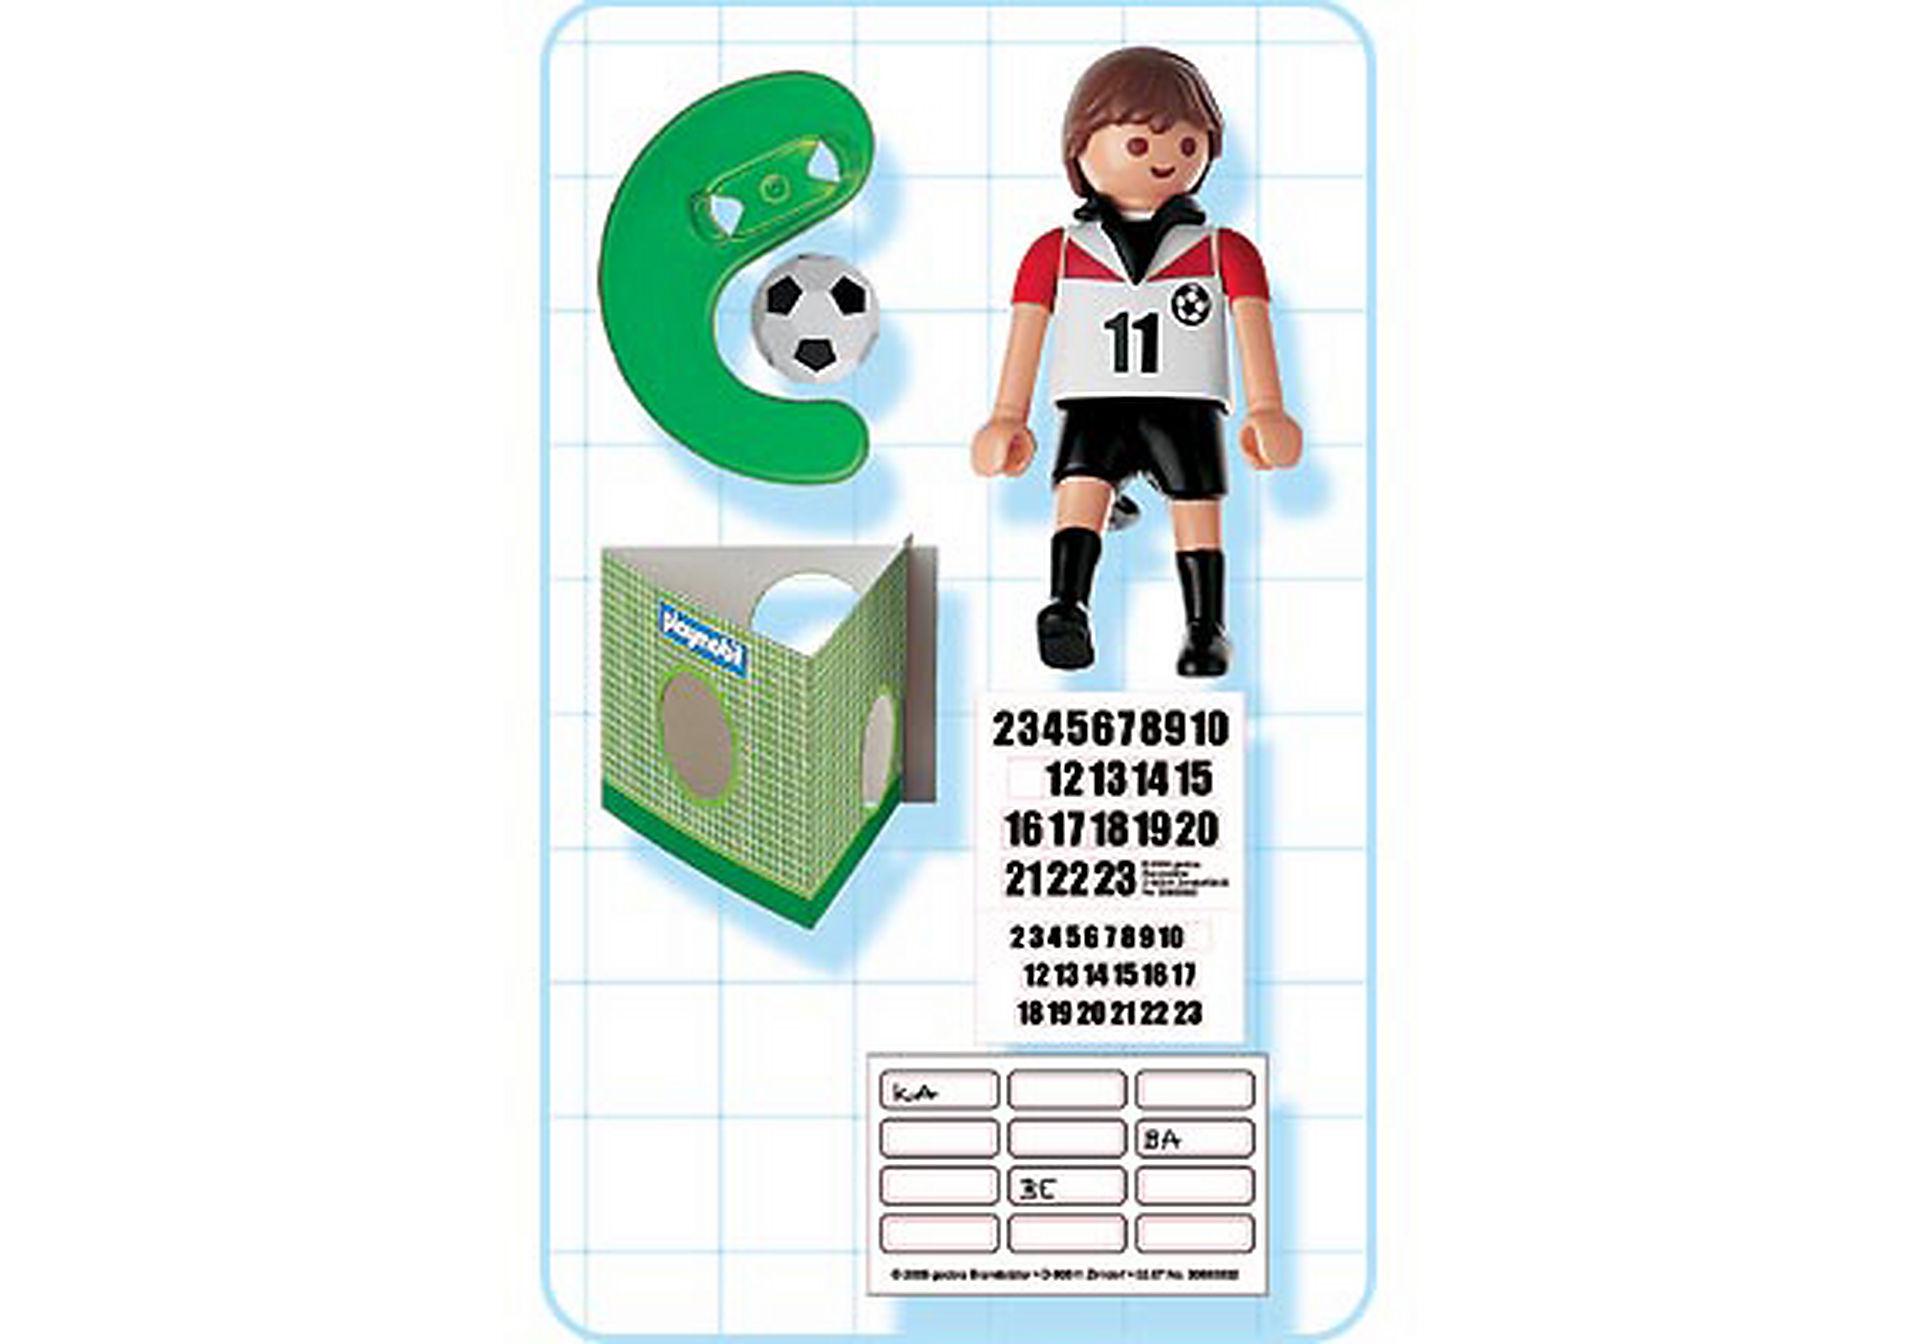 4714-A Fußballspieler Österreich zoom image2